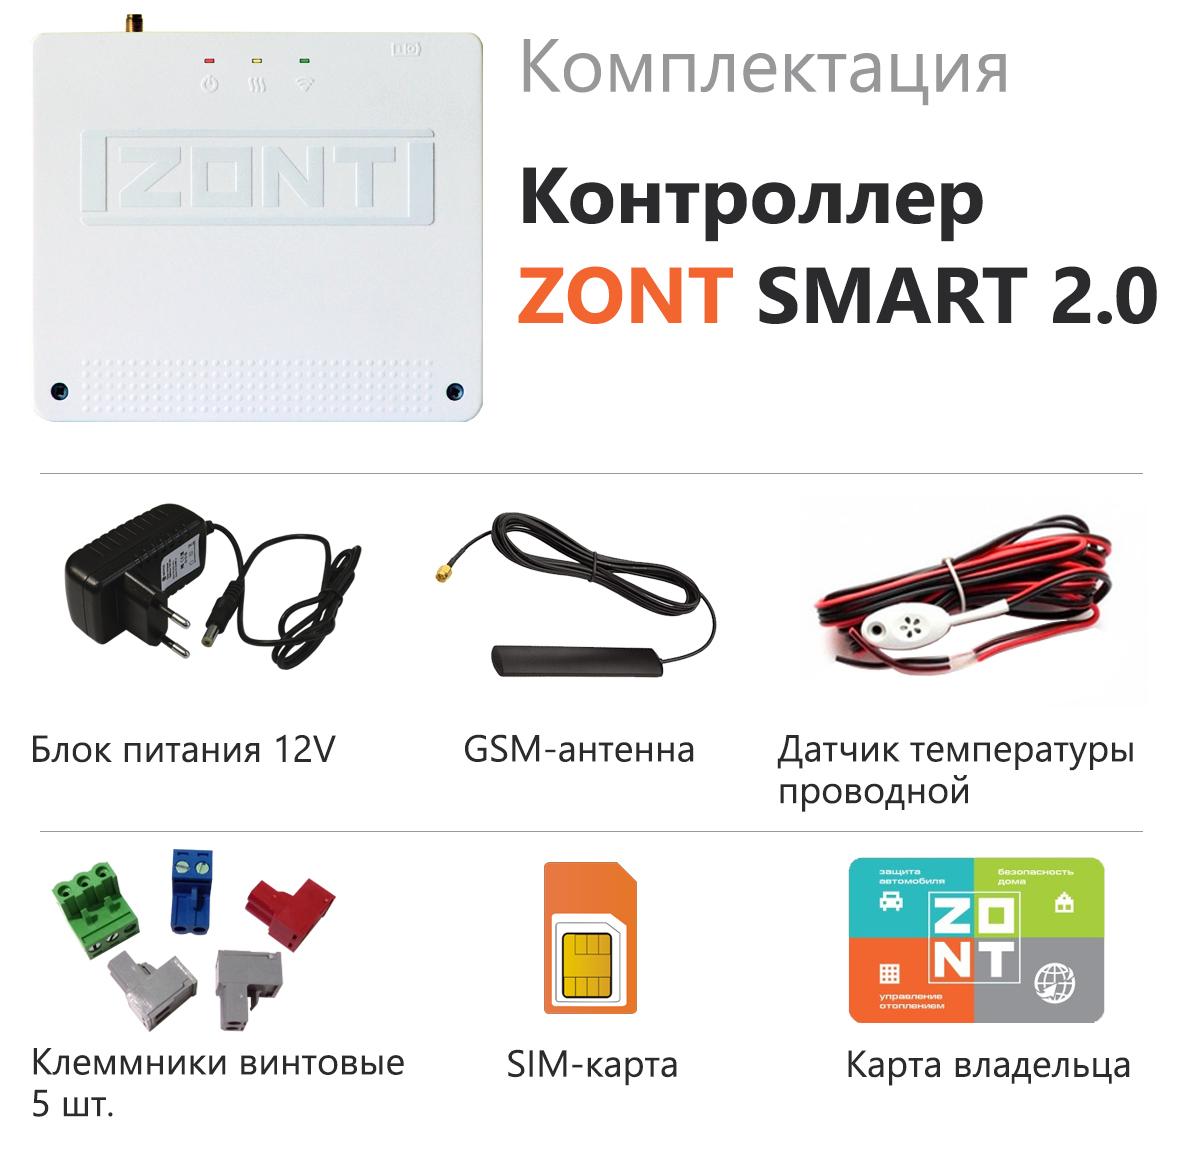 Модуль дистанционного управления котлом ZONT SMART 2.0 фото2